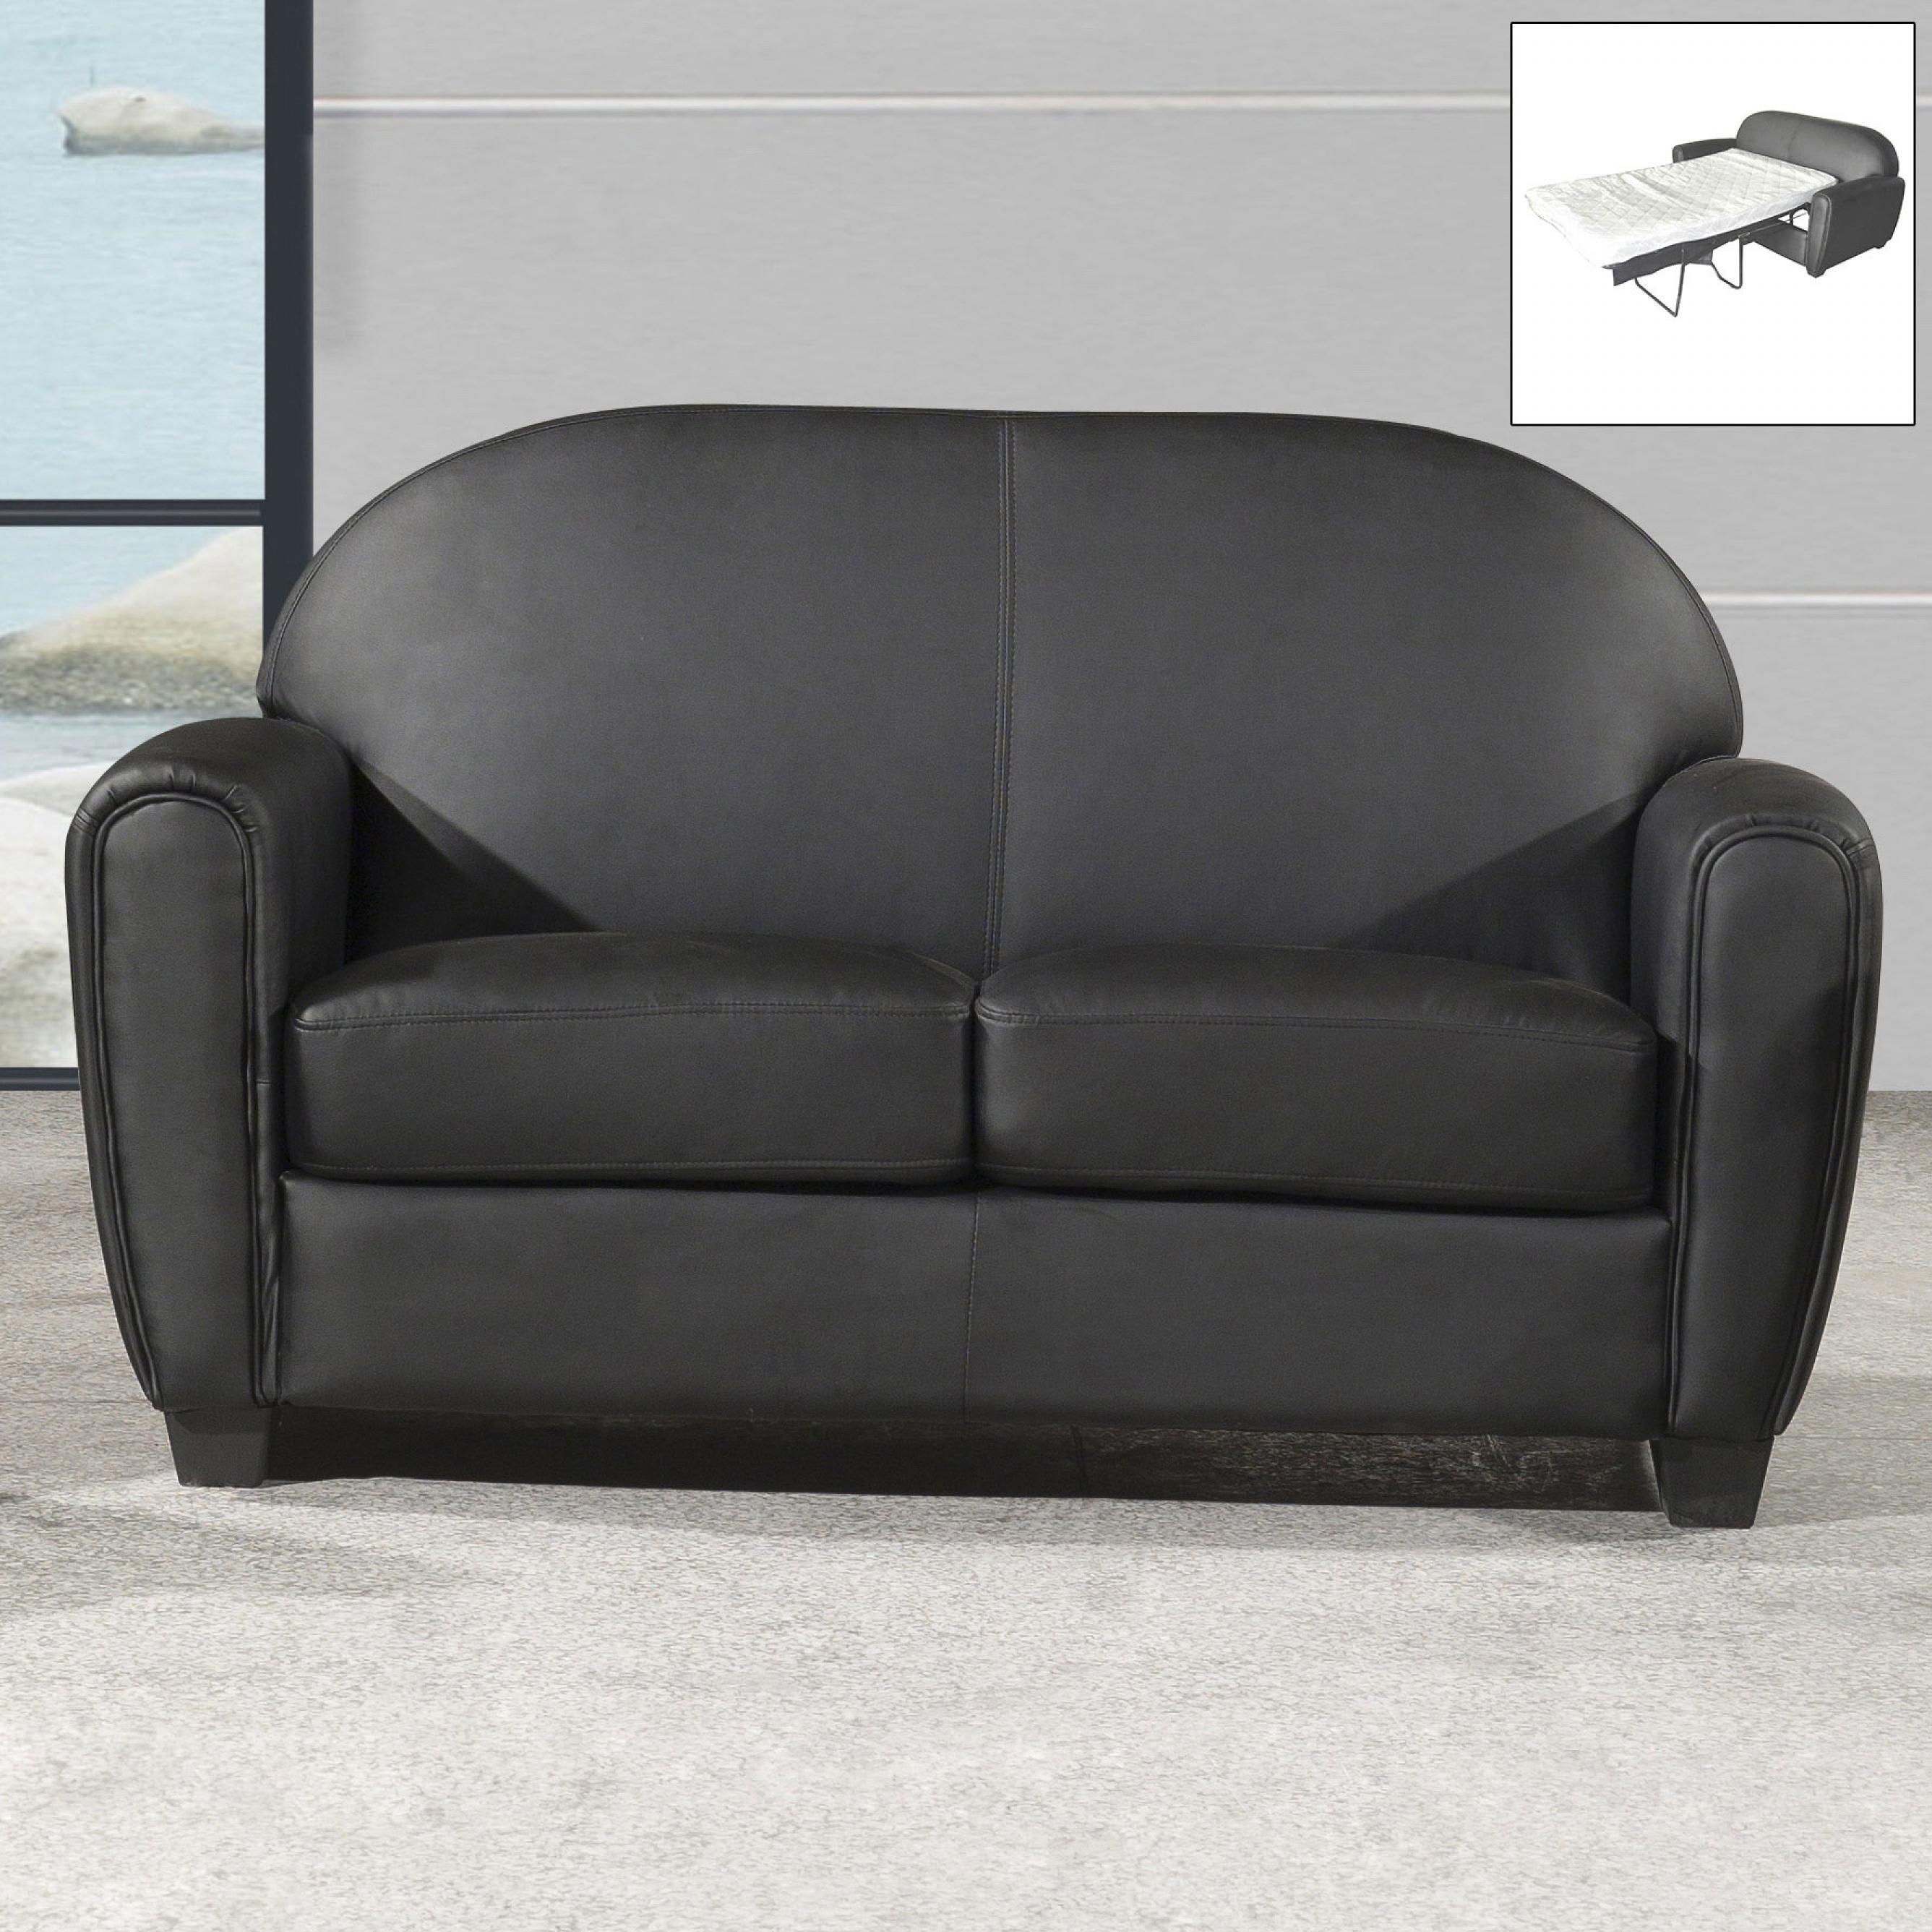 photos canap simili cuir. Black Bedroom Furniture Sets. Home Design Ideas